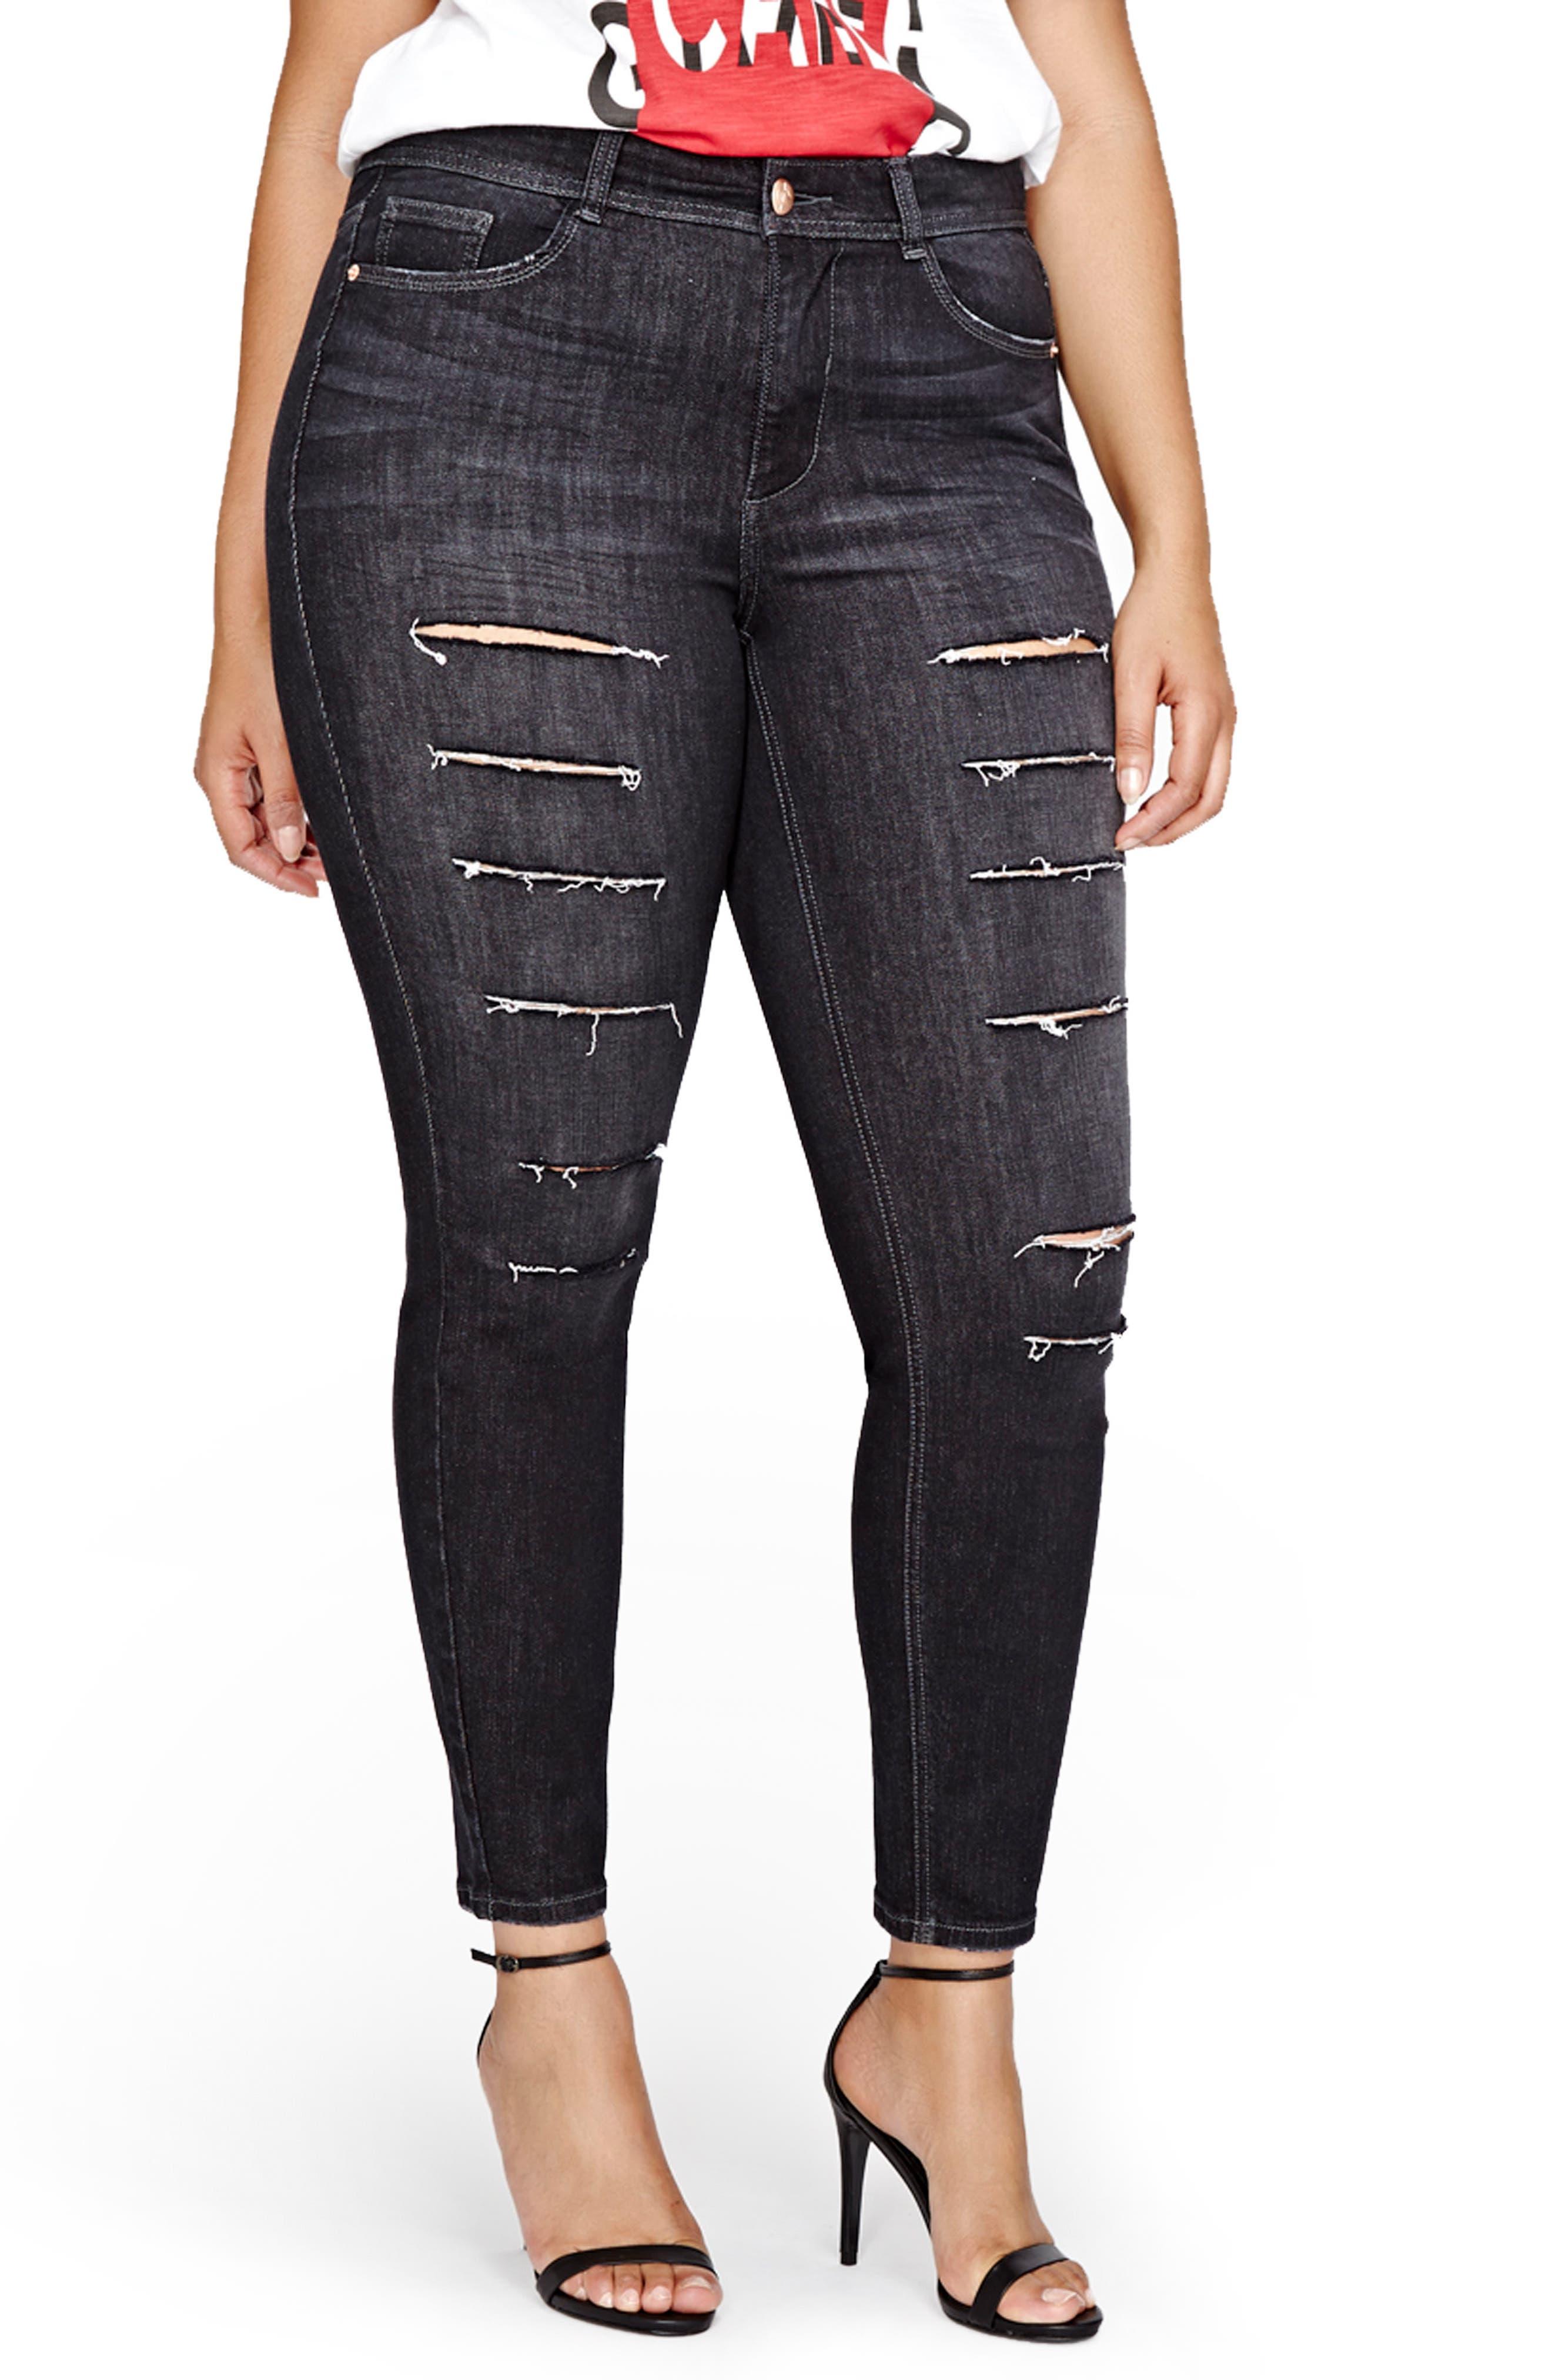 Alternate Image 1 Selected - ADDITION ELLE LOVE AND LEGEND Slash Skinny Jeans (Plus Size)